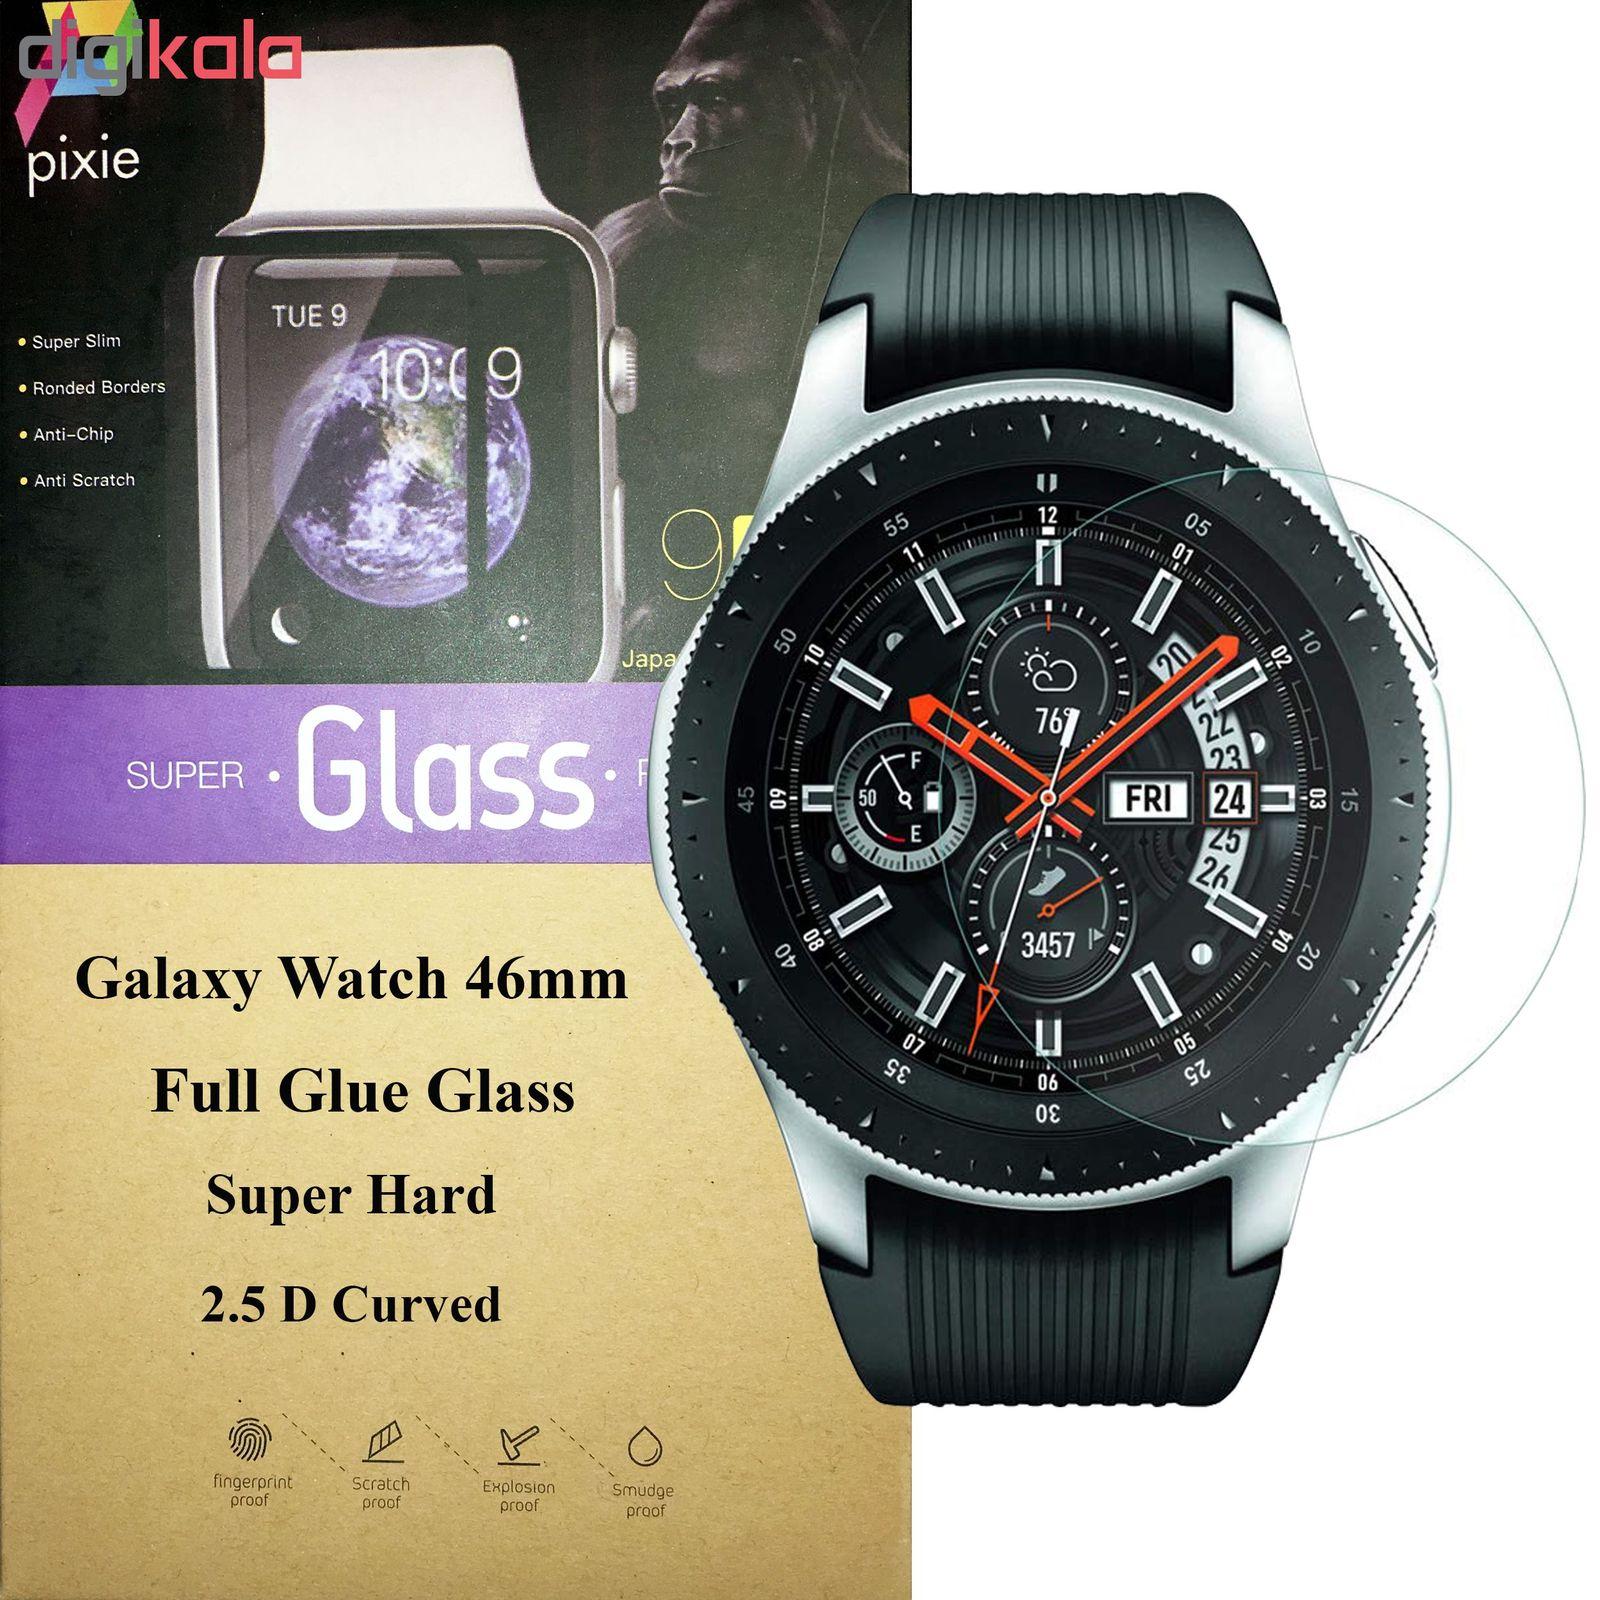 محافظ صفحه نمایش پیکسی مدل Treasure Troveمناسب برای ساعت هوشمند سامسونگ مدل Galaxy Watch 46mm main 1 1